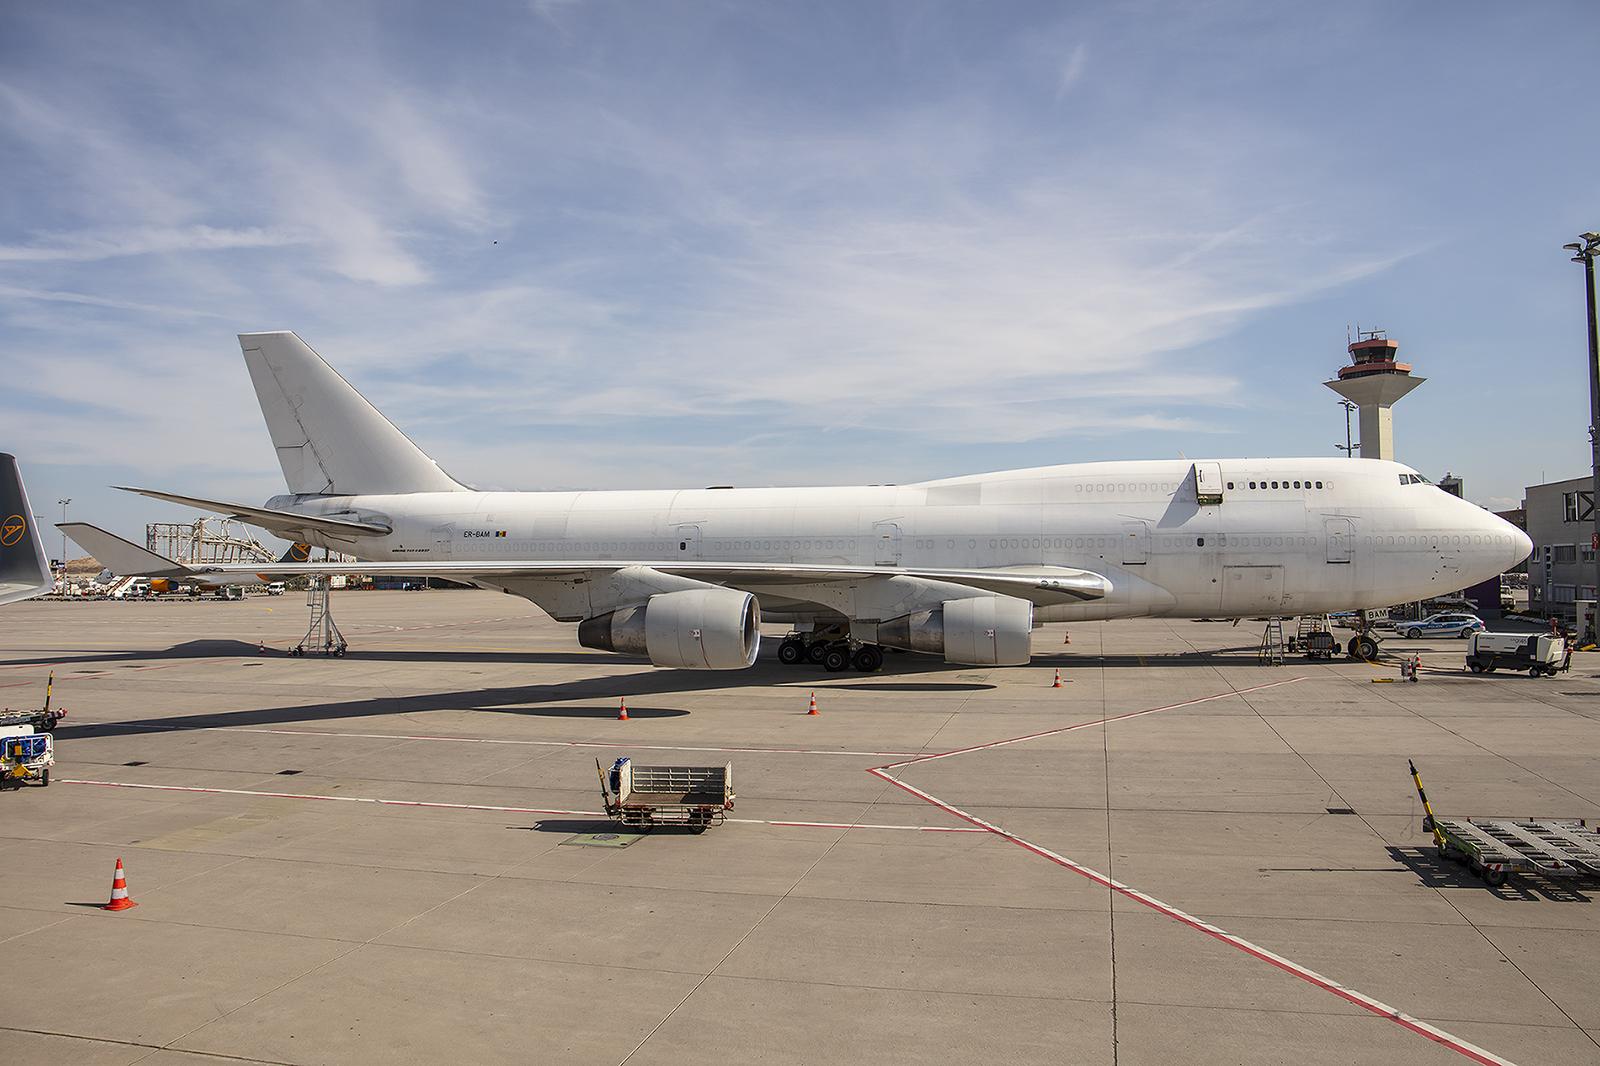 ER-BAM, noch ein Jumbo der Aerotranscargo.